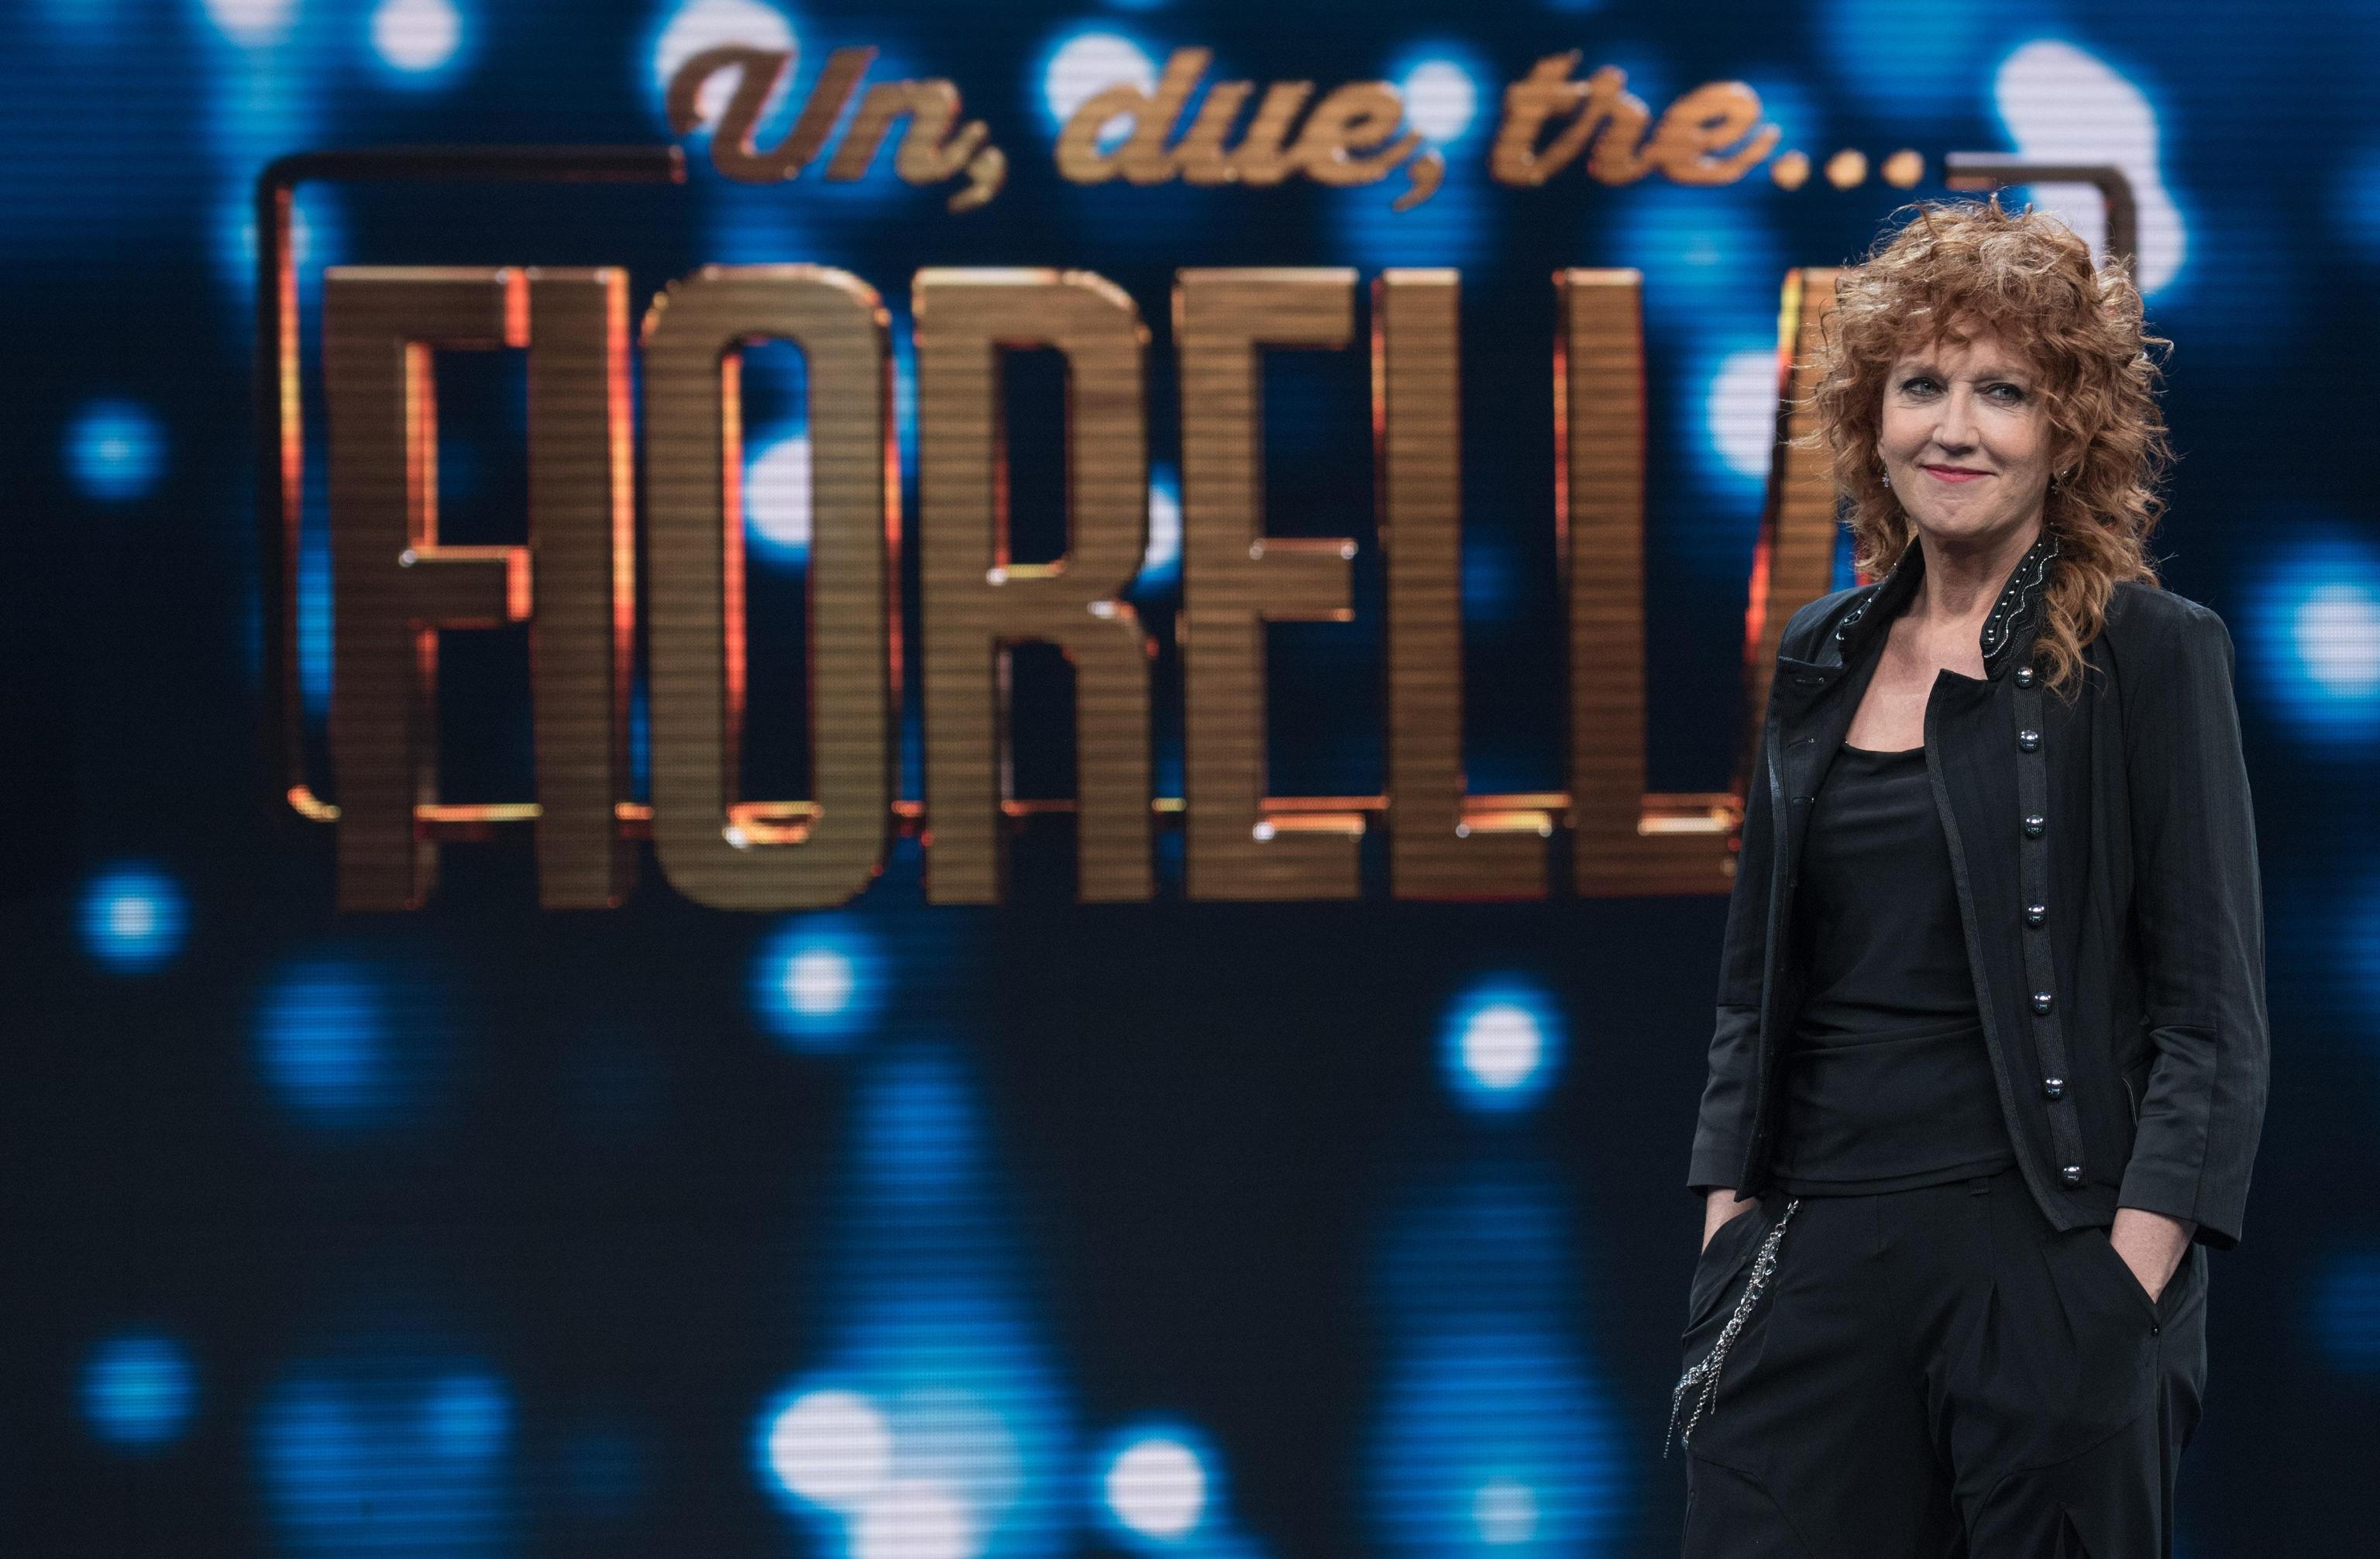 Un, due, tre…Fiorella! La Mannoia conduttrice su Rai 1: gli ospiti del one woman show